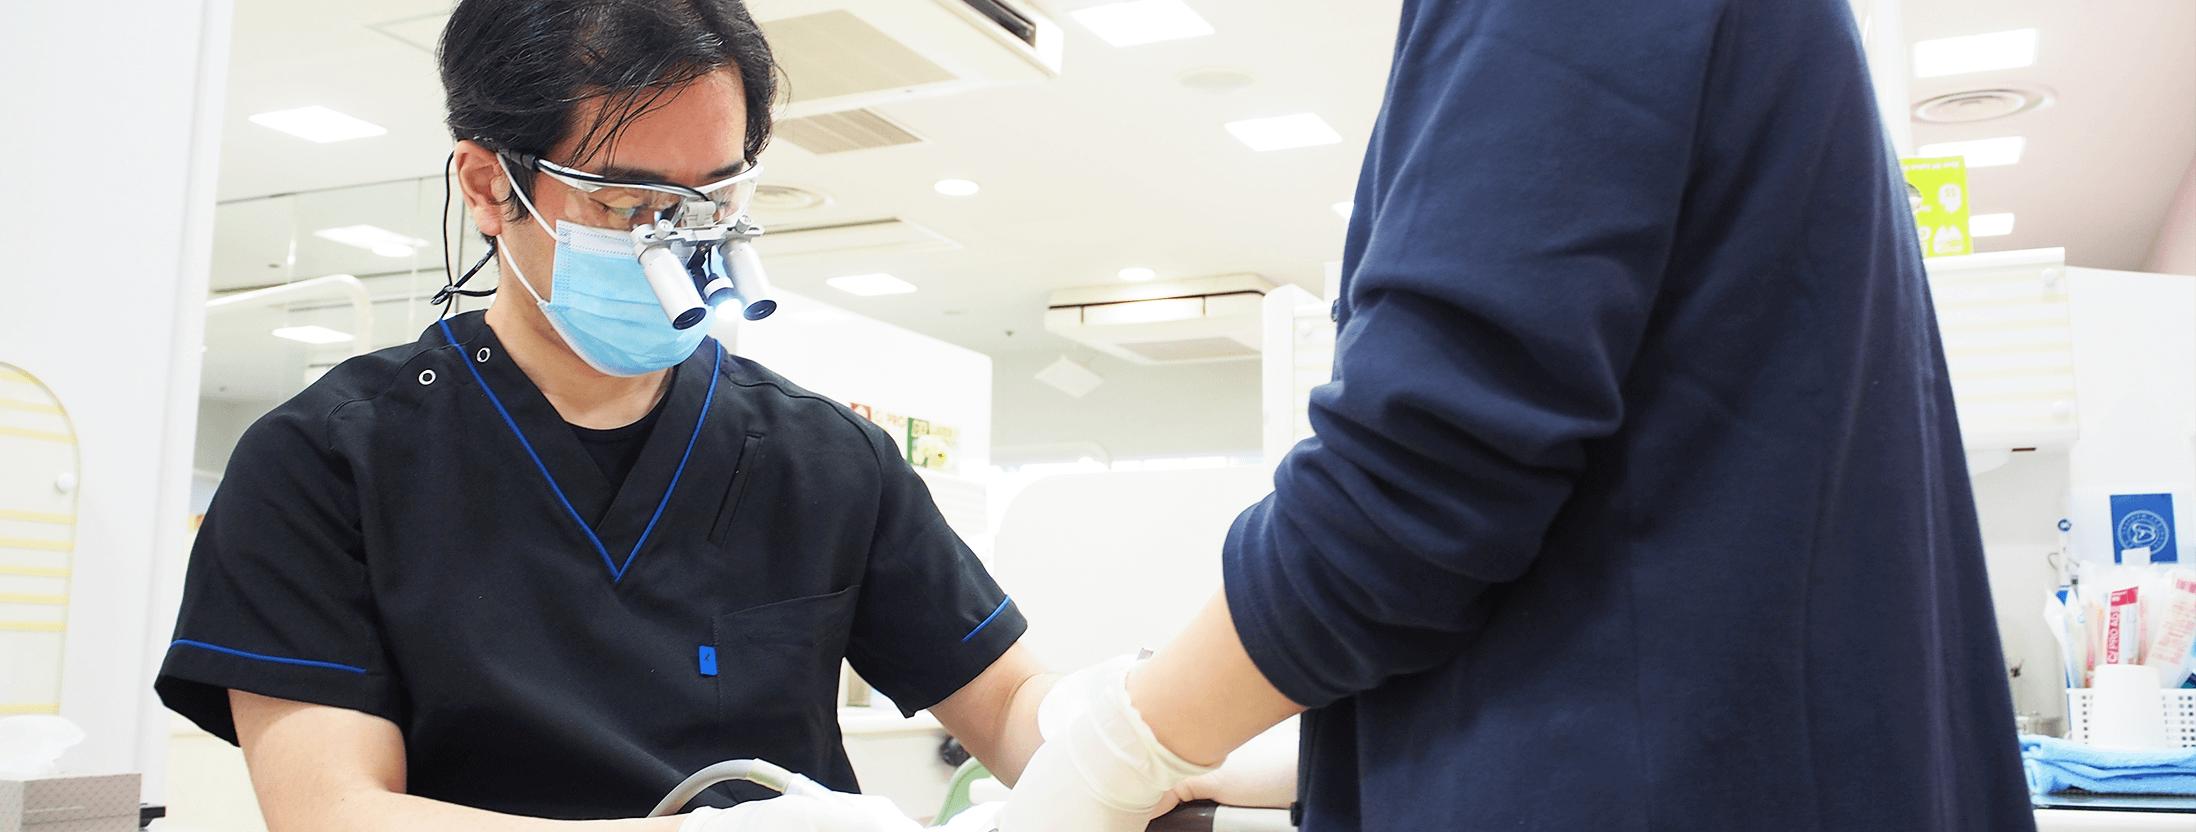 歯科診療風景